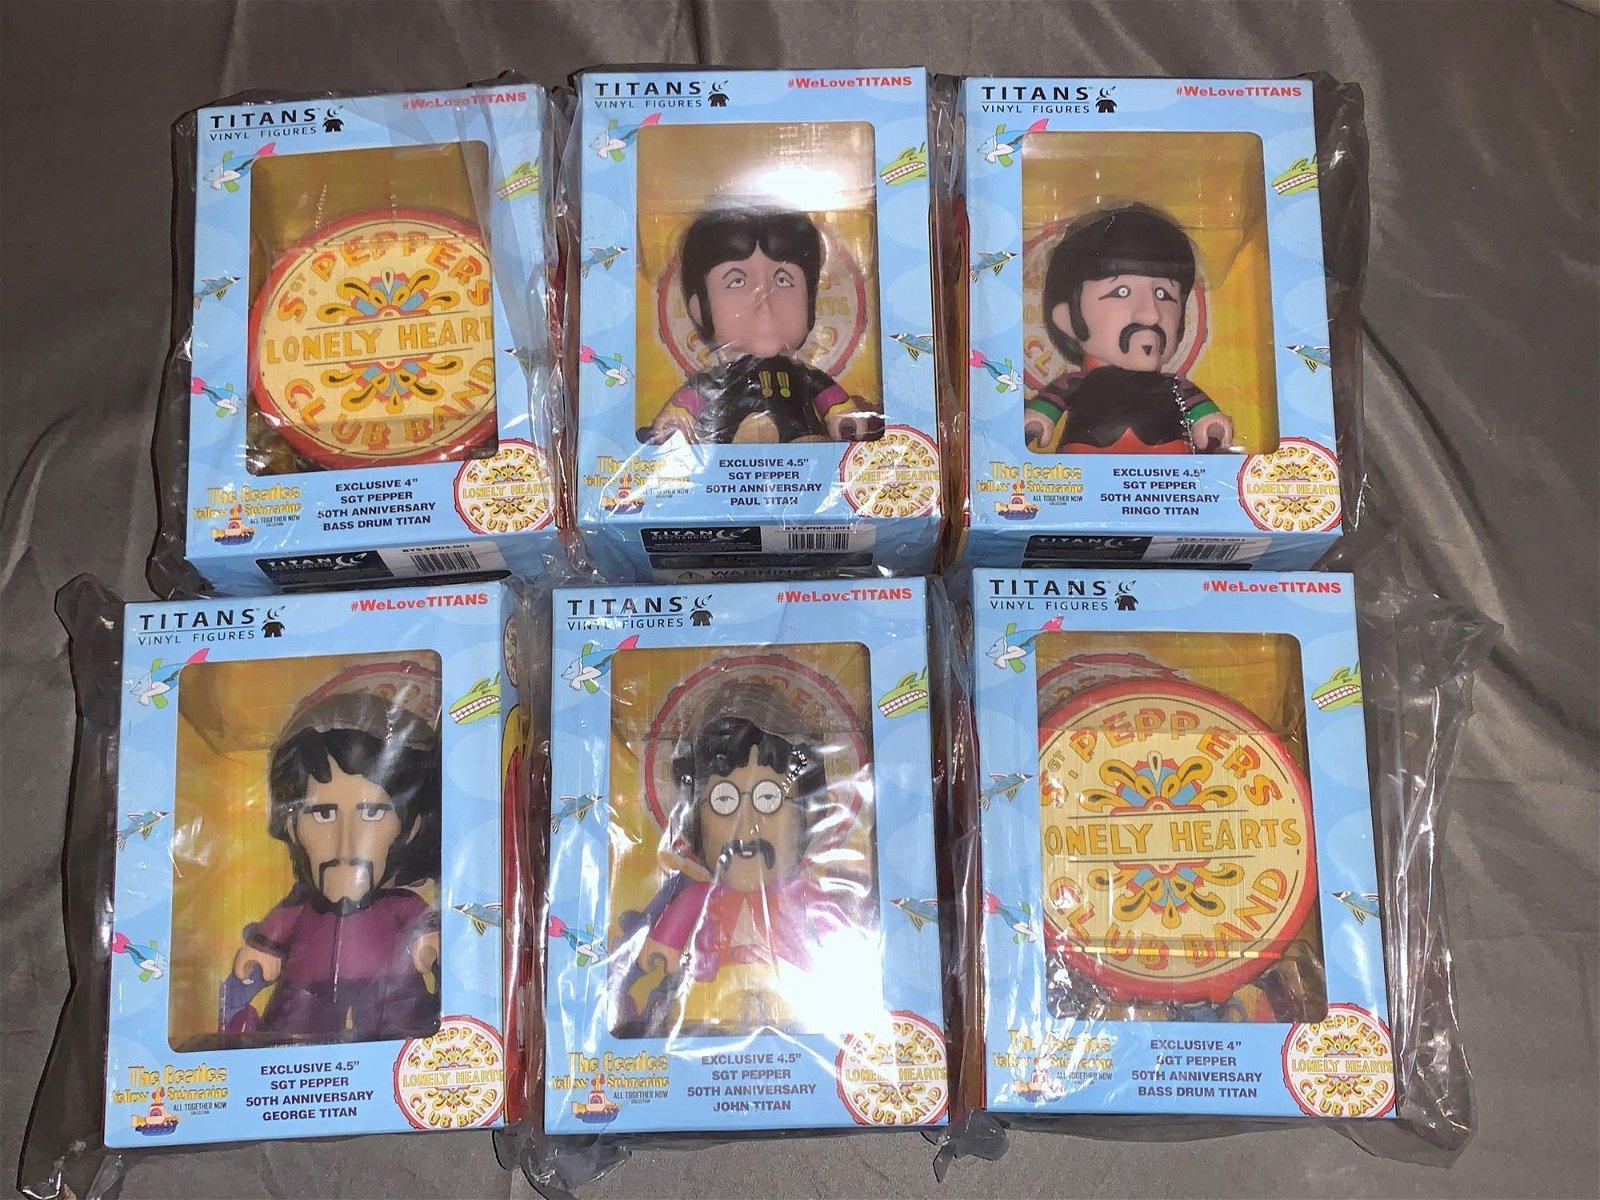 Set of Five Titans Sgt Pepper's Figures, etc.